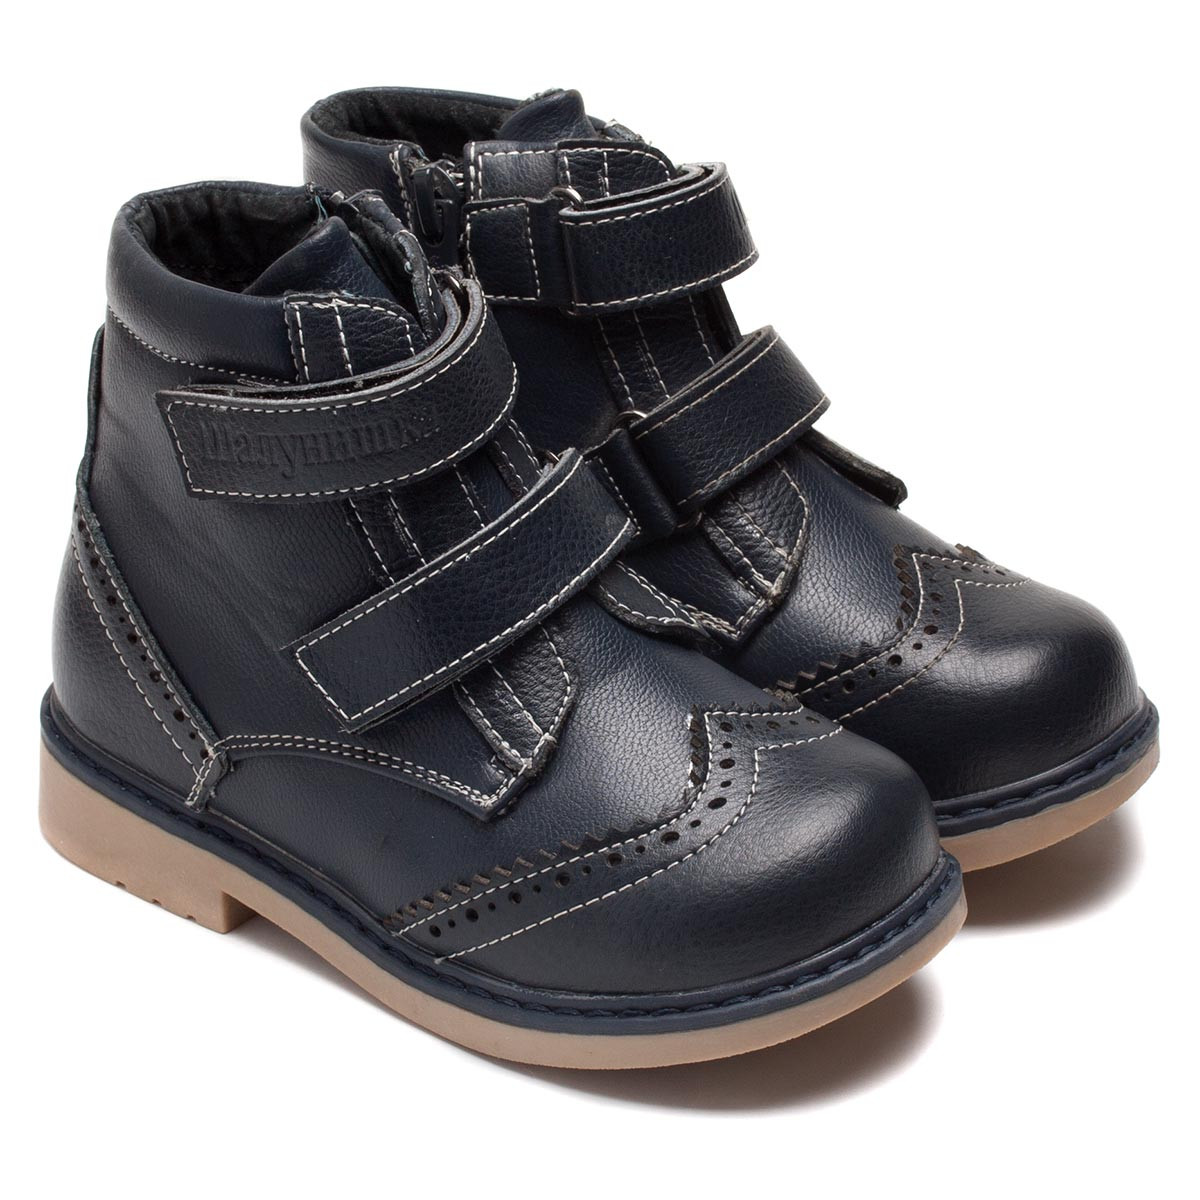 Демисезонные ботинки Шалунишка для мальчика, ортопедические, размер 26-31